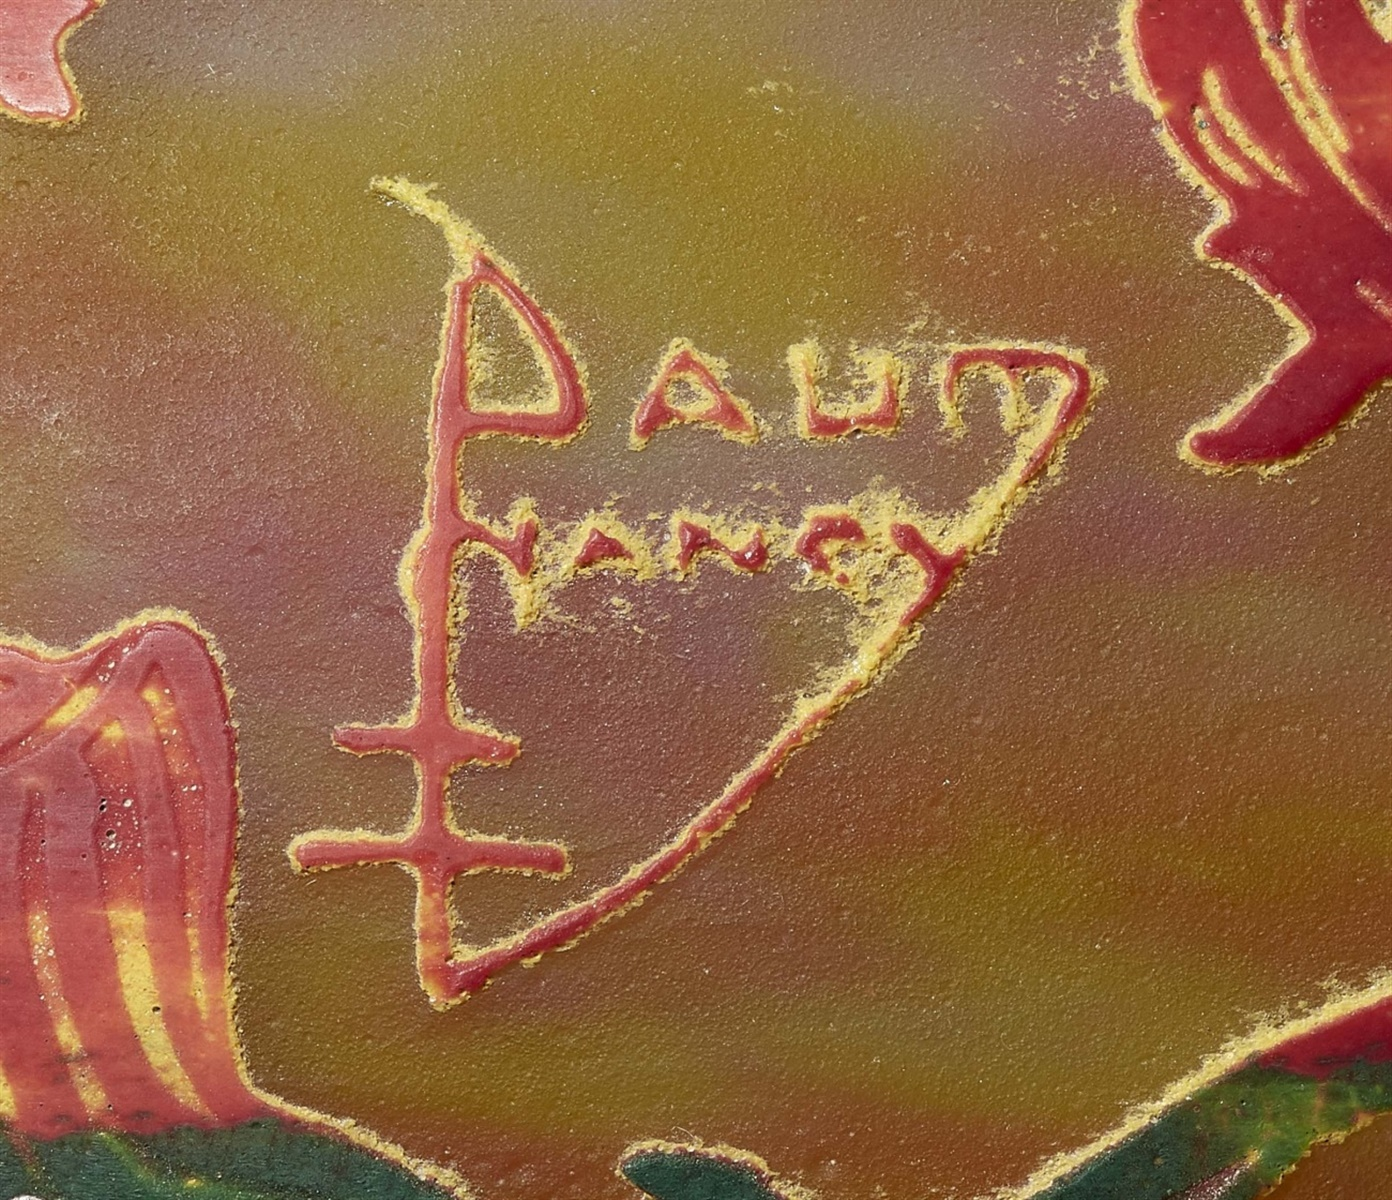 Lot 22 - Lampe tulipe perroquetsMatt geätztes Glas mit Pulvereinschmelzungen in Gelb und Rot, grüner